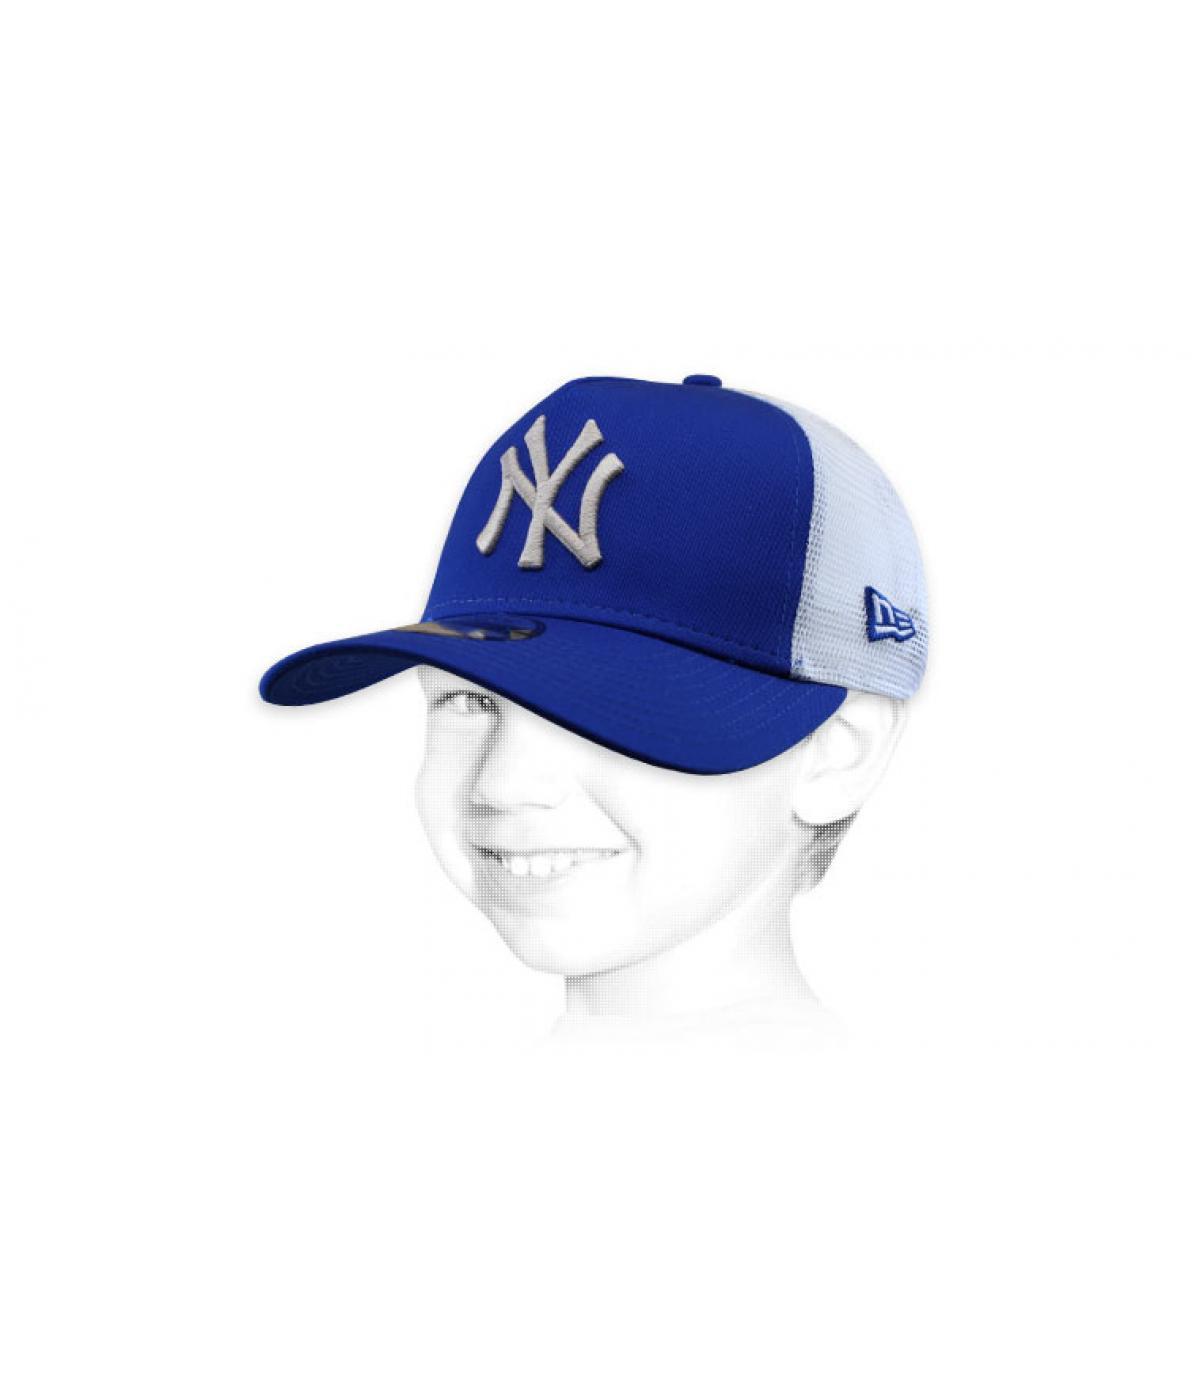 trucker bambino NY blu